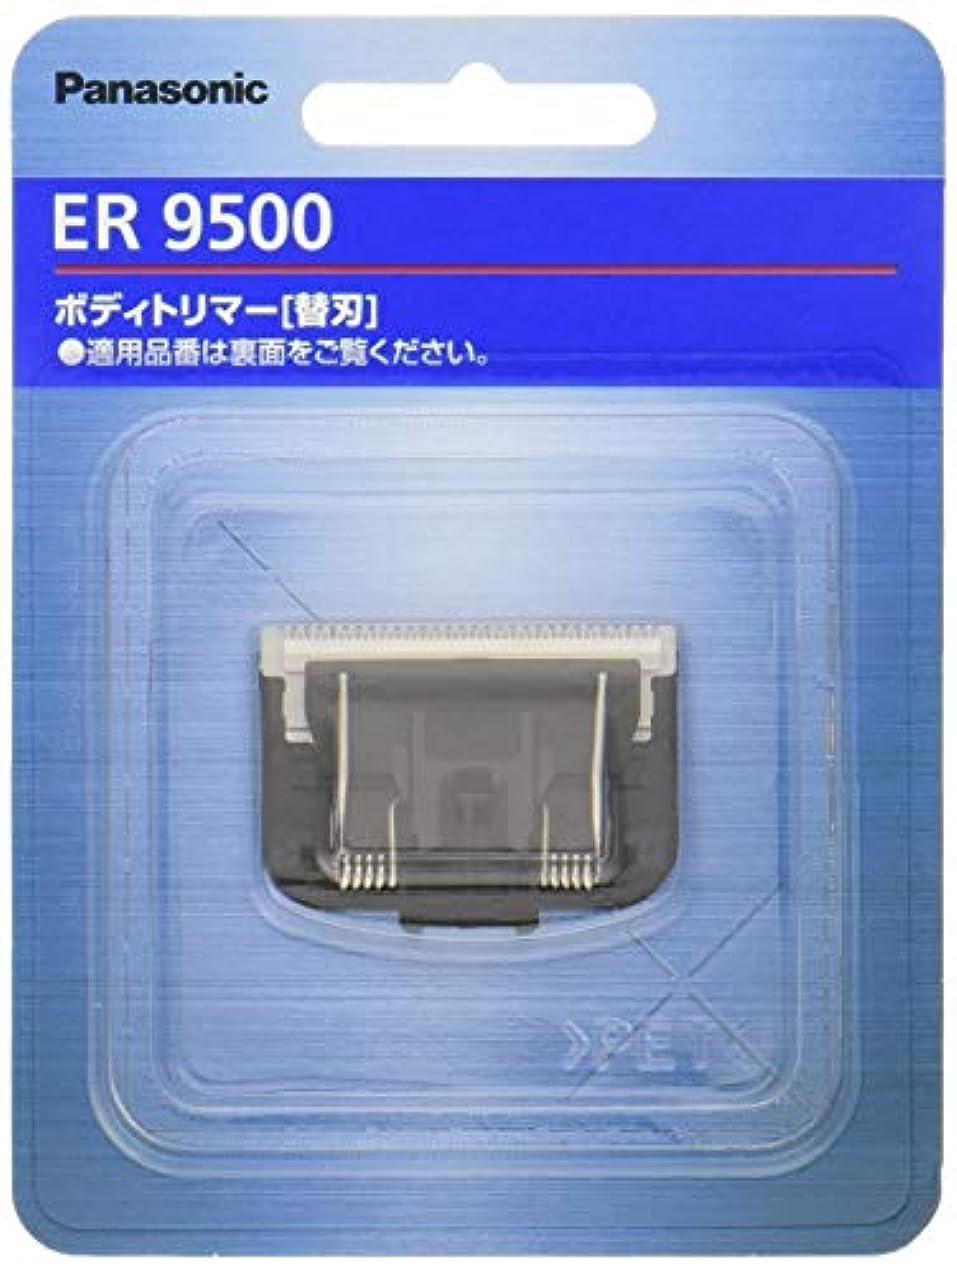 コイル航空機ペッカディロパナソニック 替刃 ボディトリマー用 ER9500